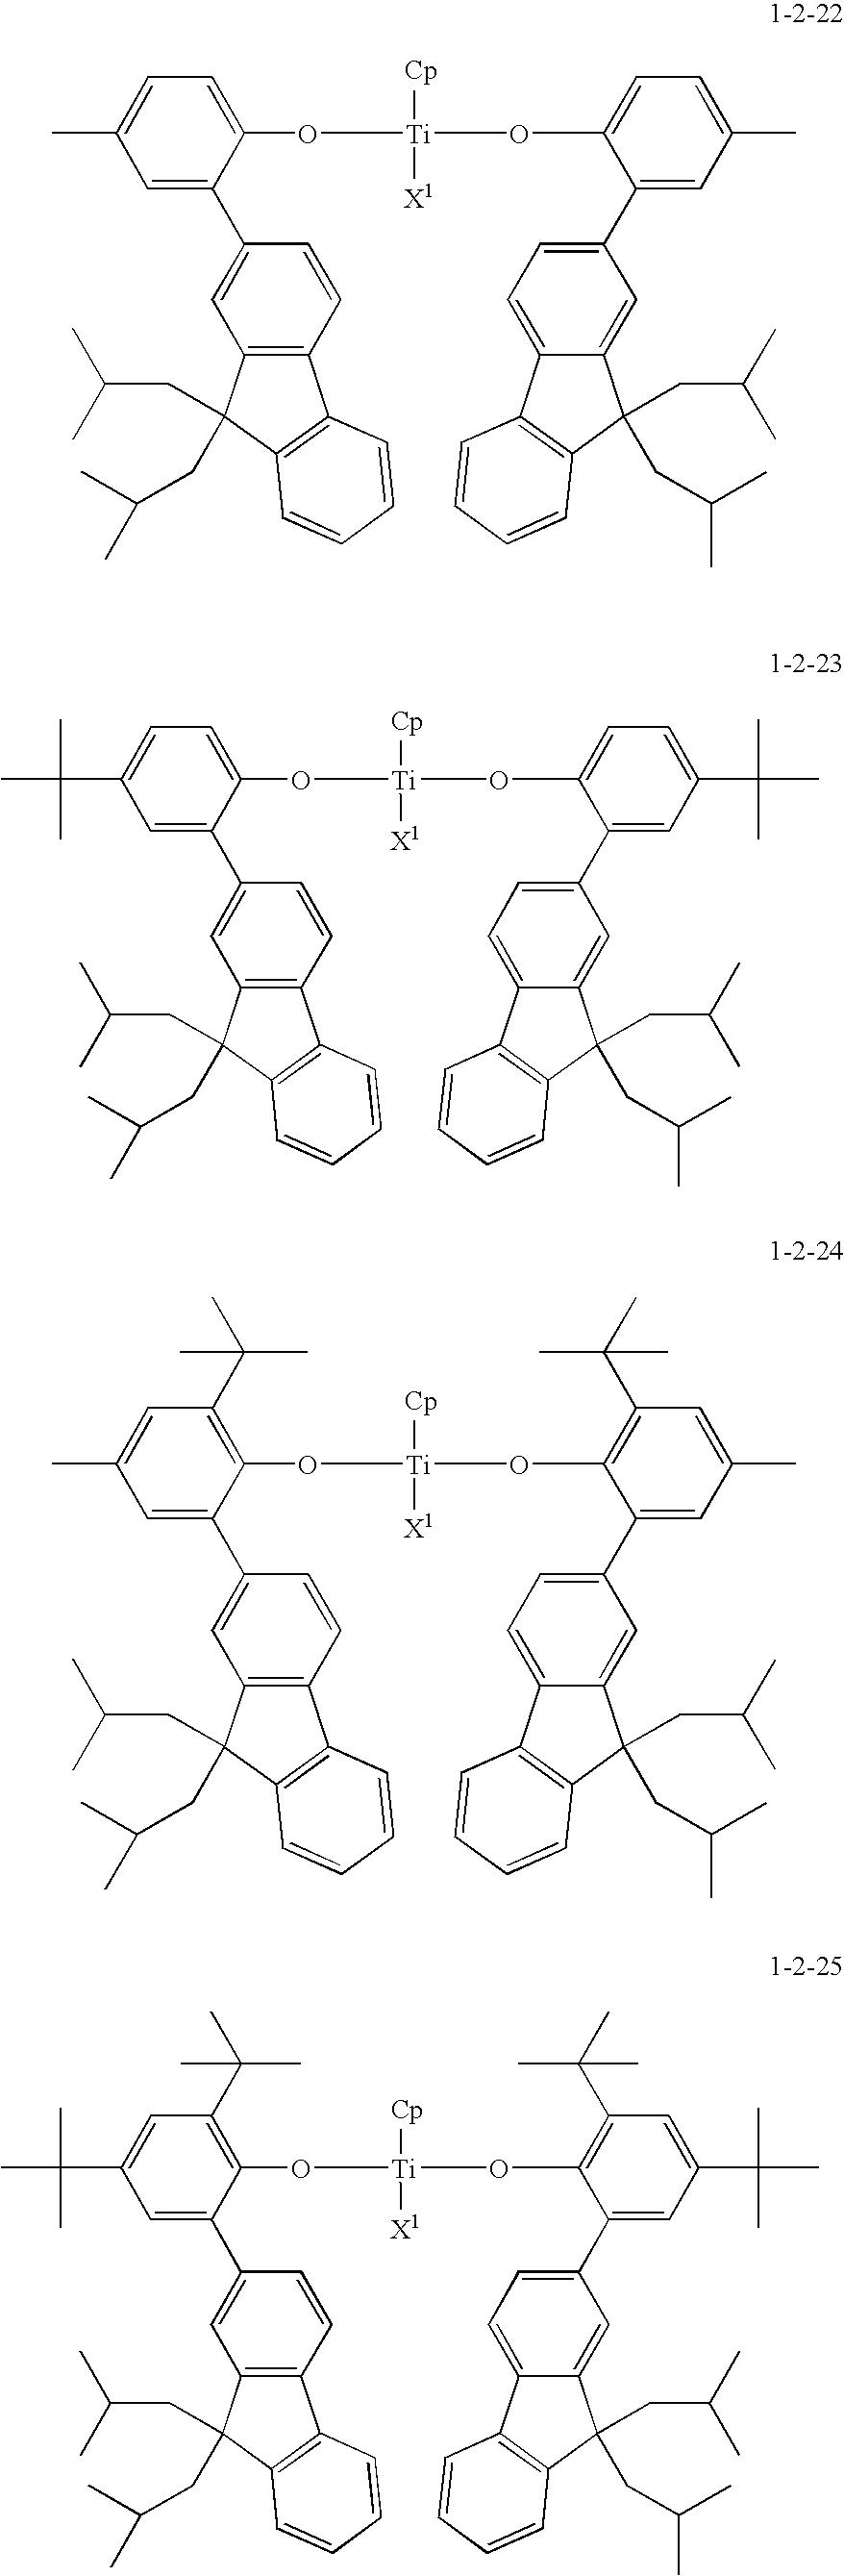 Figure US20100081776A1-20100401-C00061